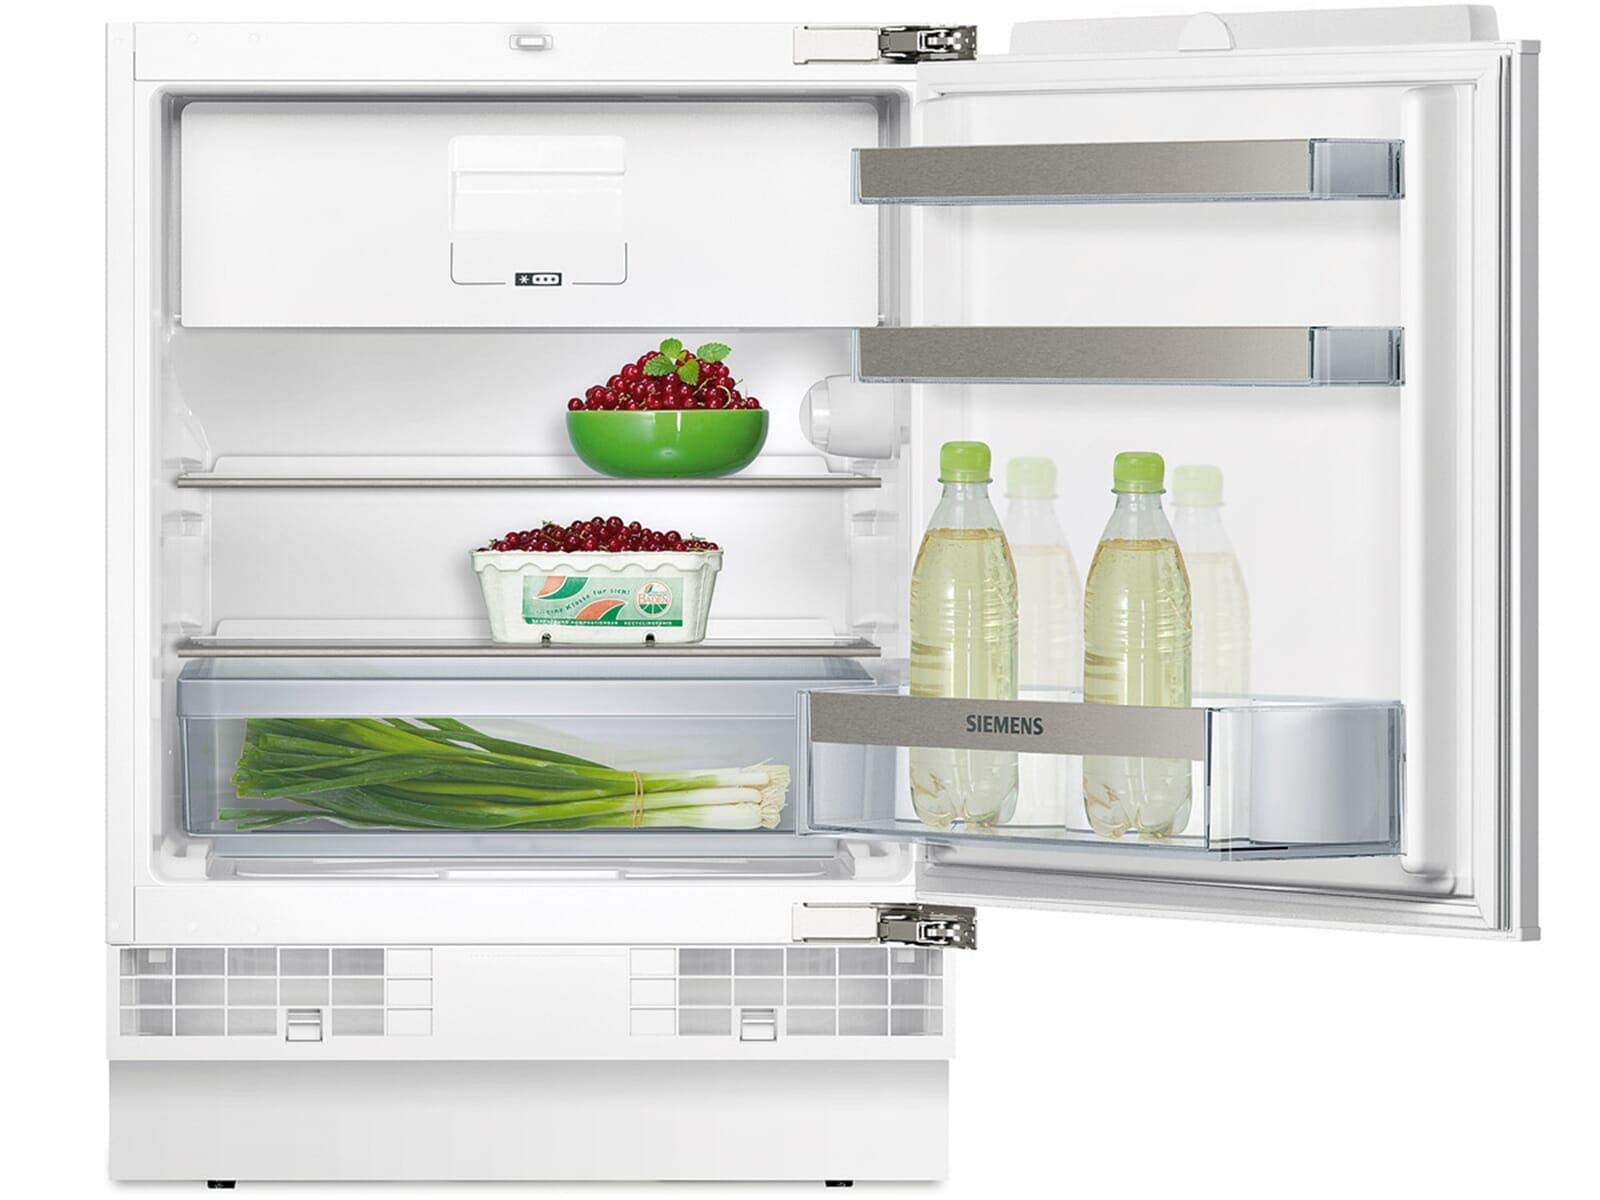 Siemens KU15LA65 Unterbaukühlschrank